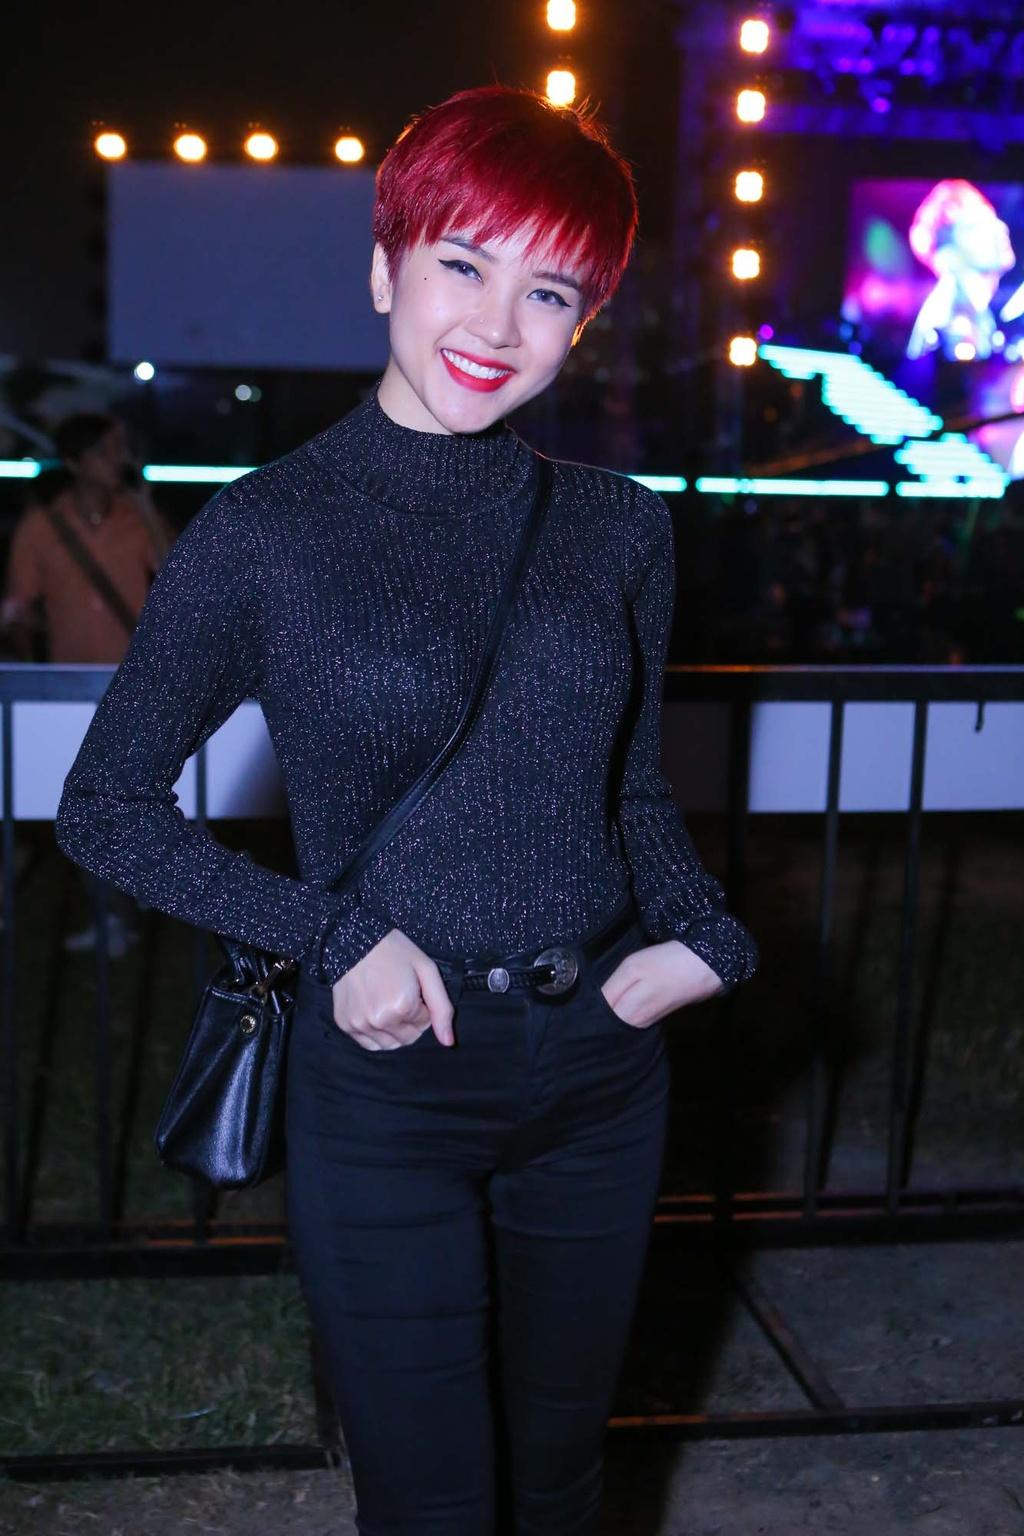 Thieu Bao Tram toi xem live show cua Son Tung hinh anh 1